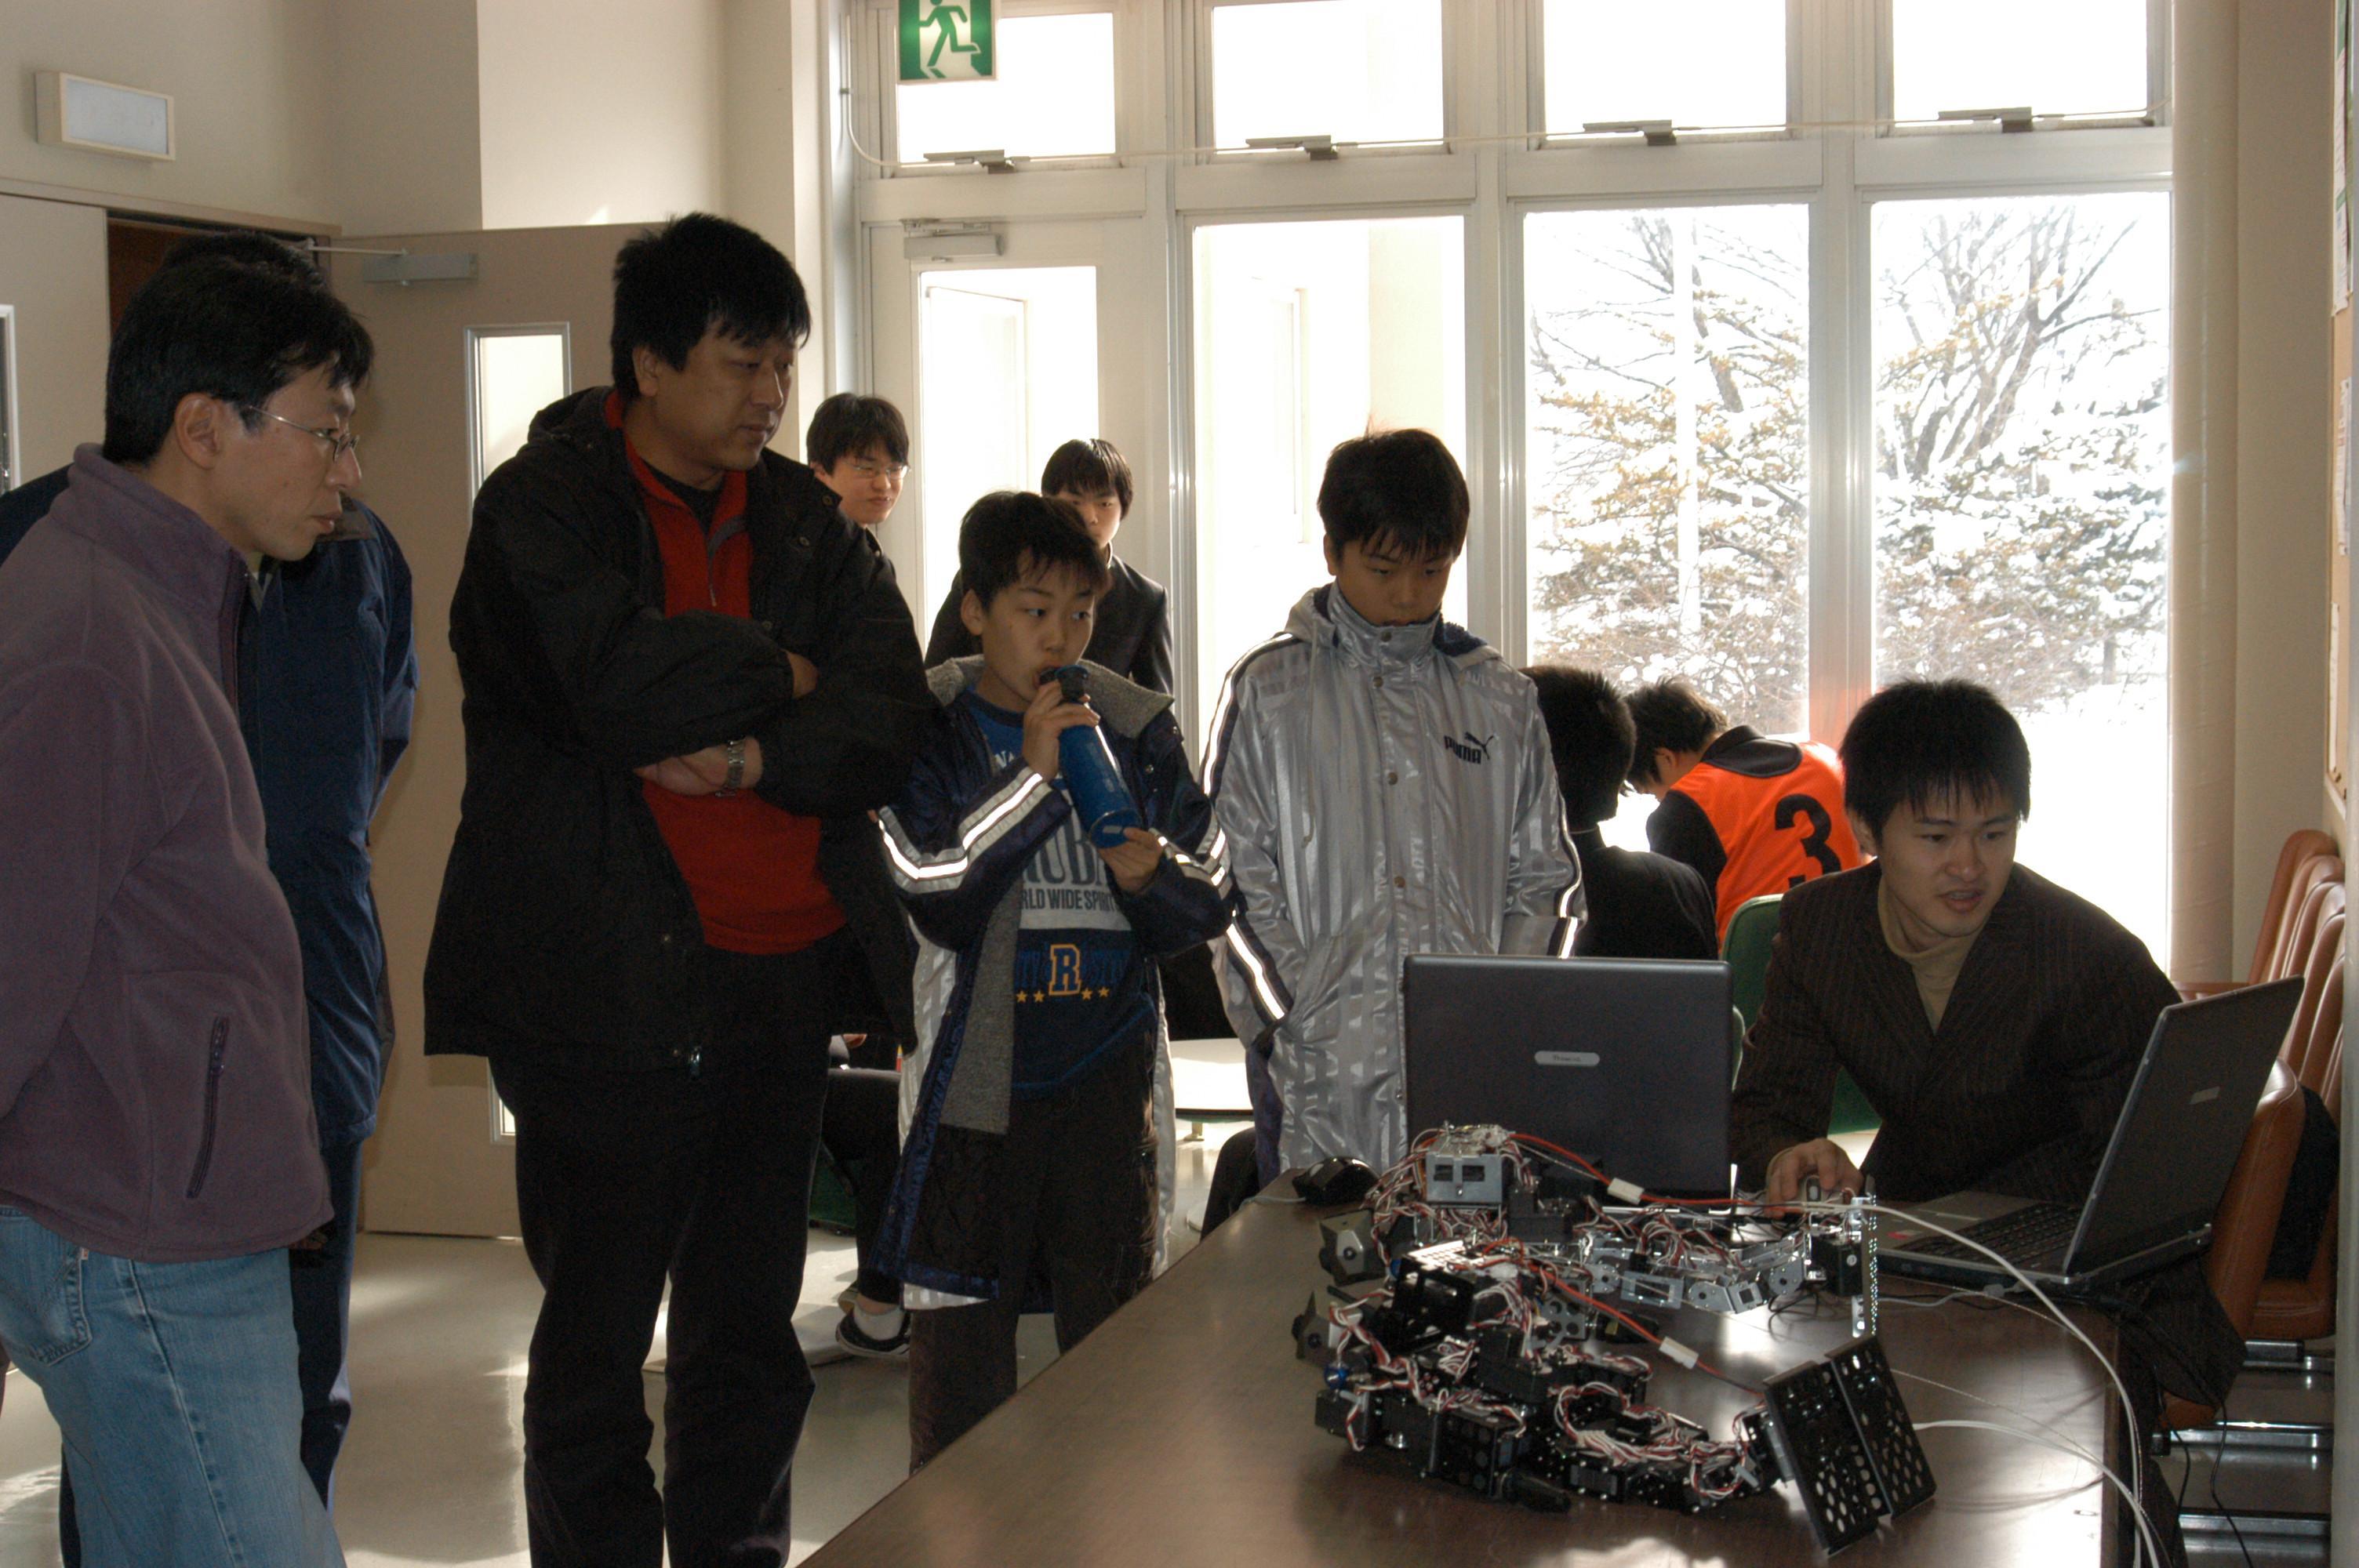 robotsoccer0002.jpg